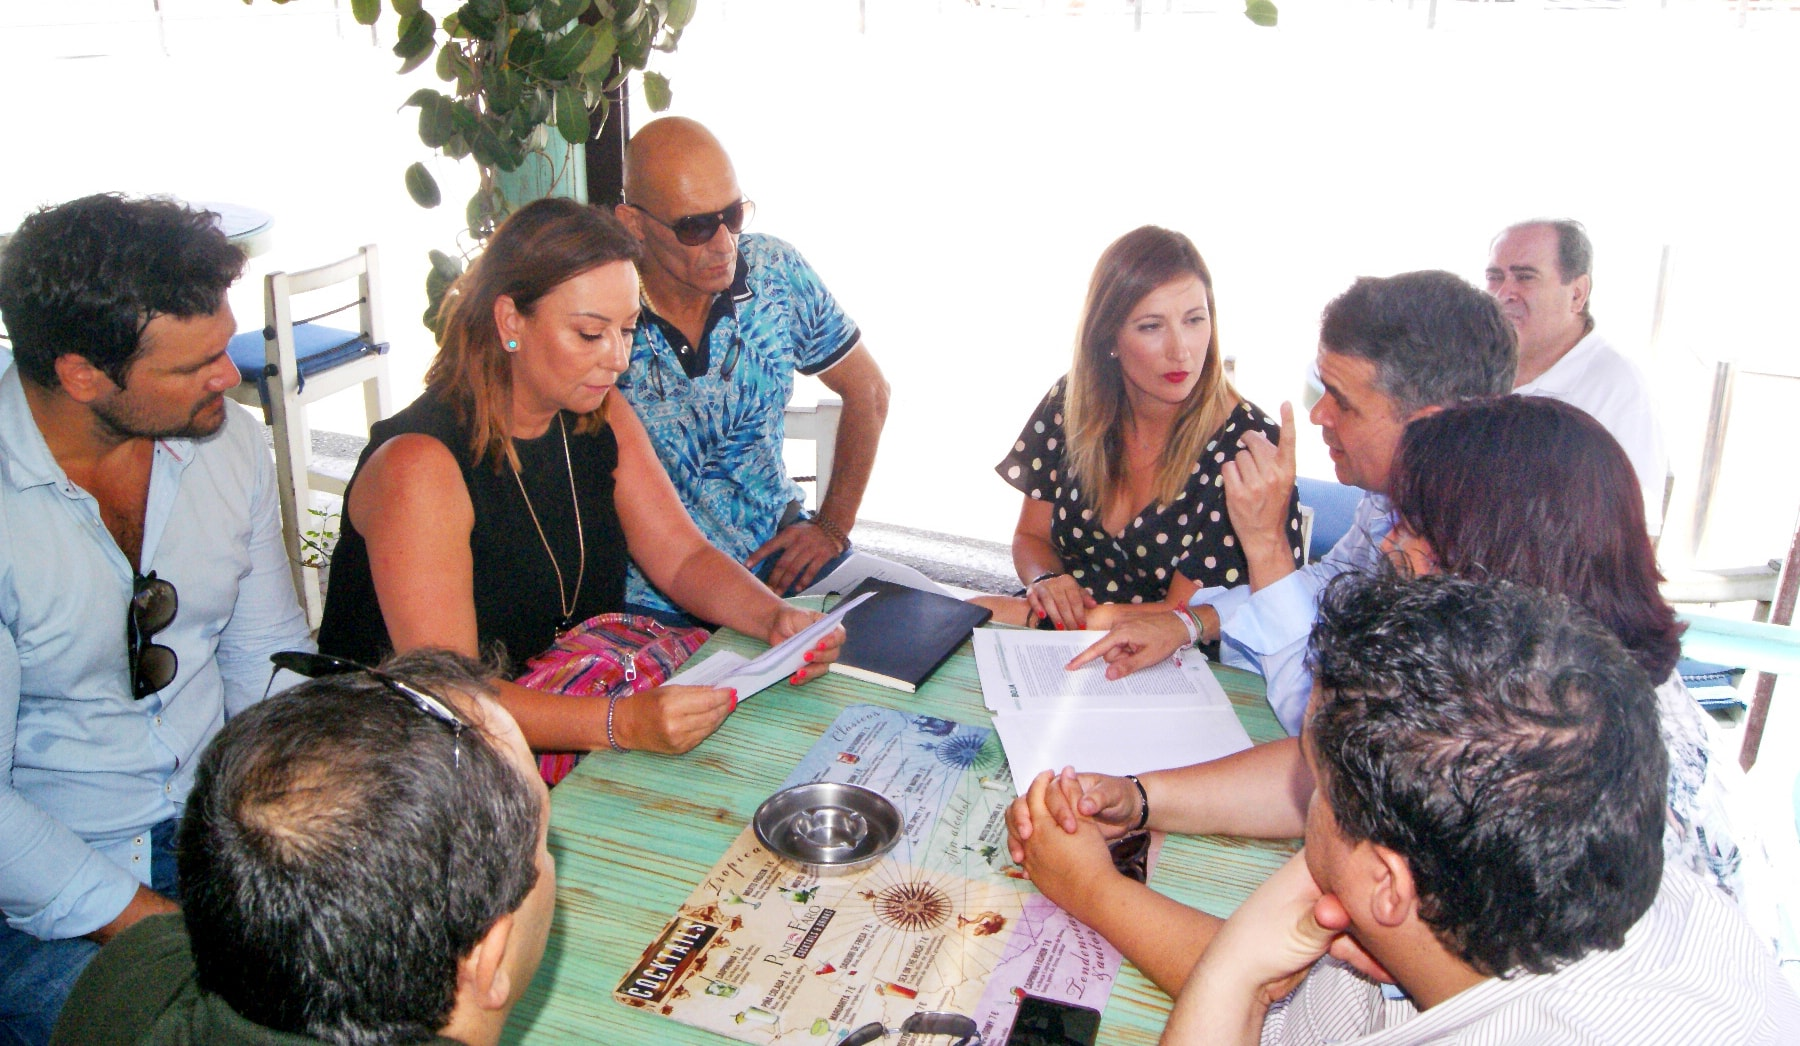 El PSOE pide que se adapte la normativa municipal a la nueva normativa de espectáculos de la Junta de Andalucía